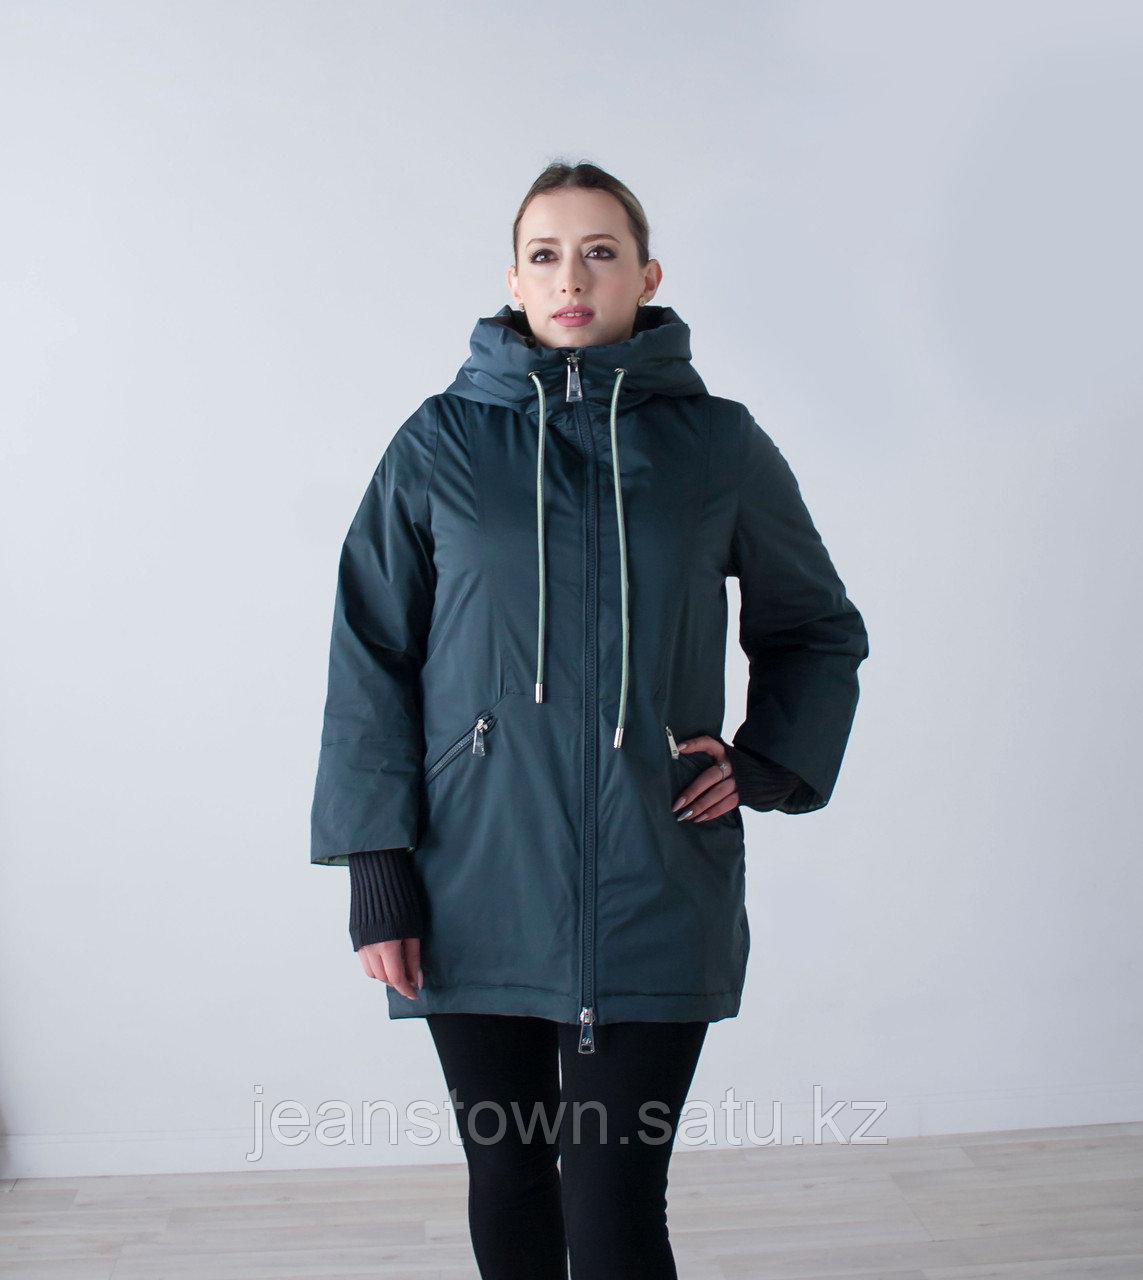 Куртка женская демисезонная  Evacana